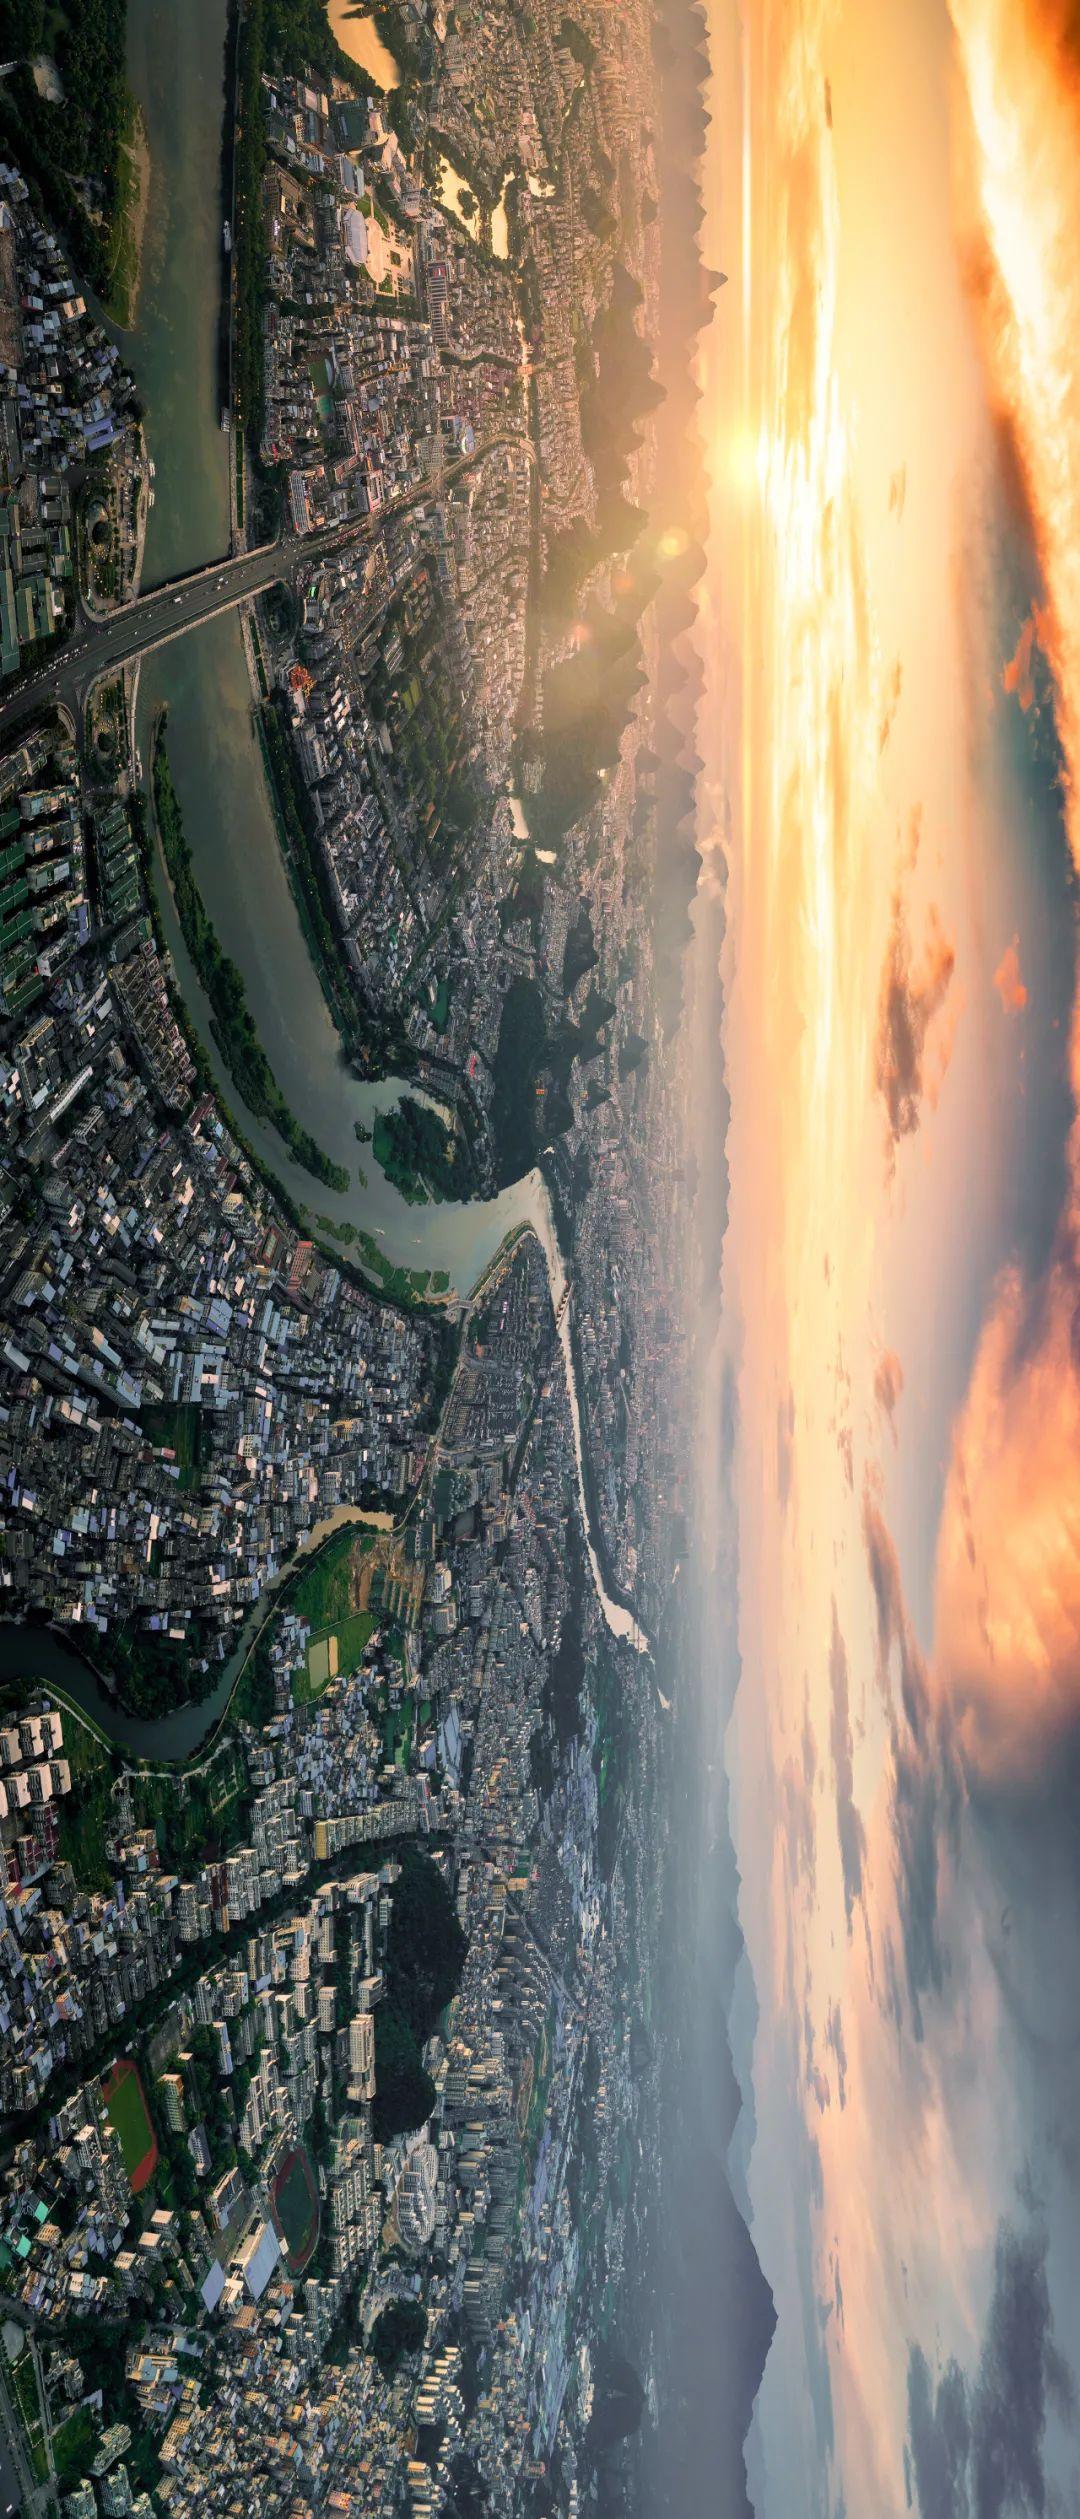 ▲ 这就是桂林。摄影/黄一骏